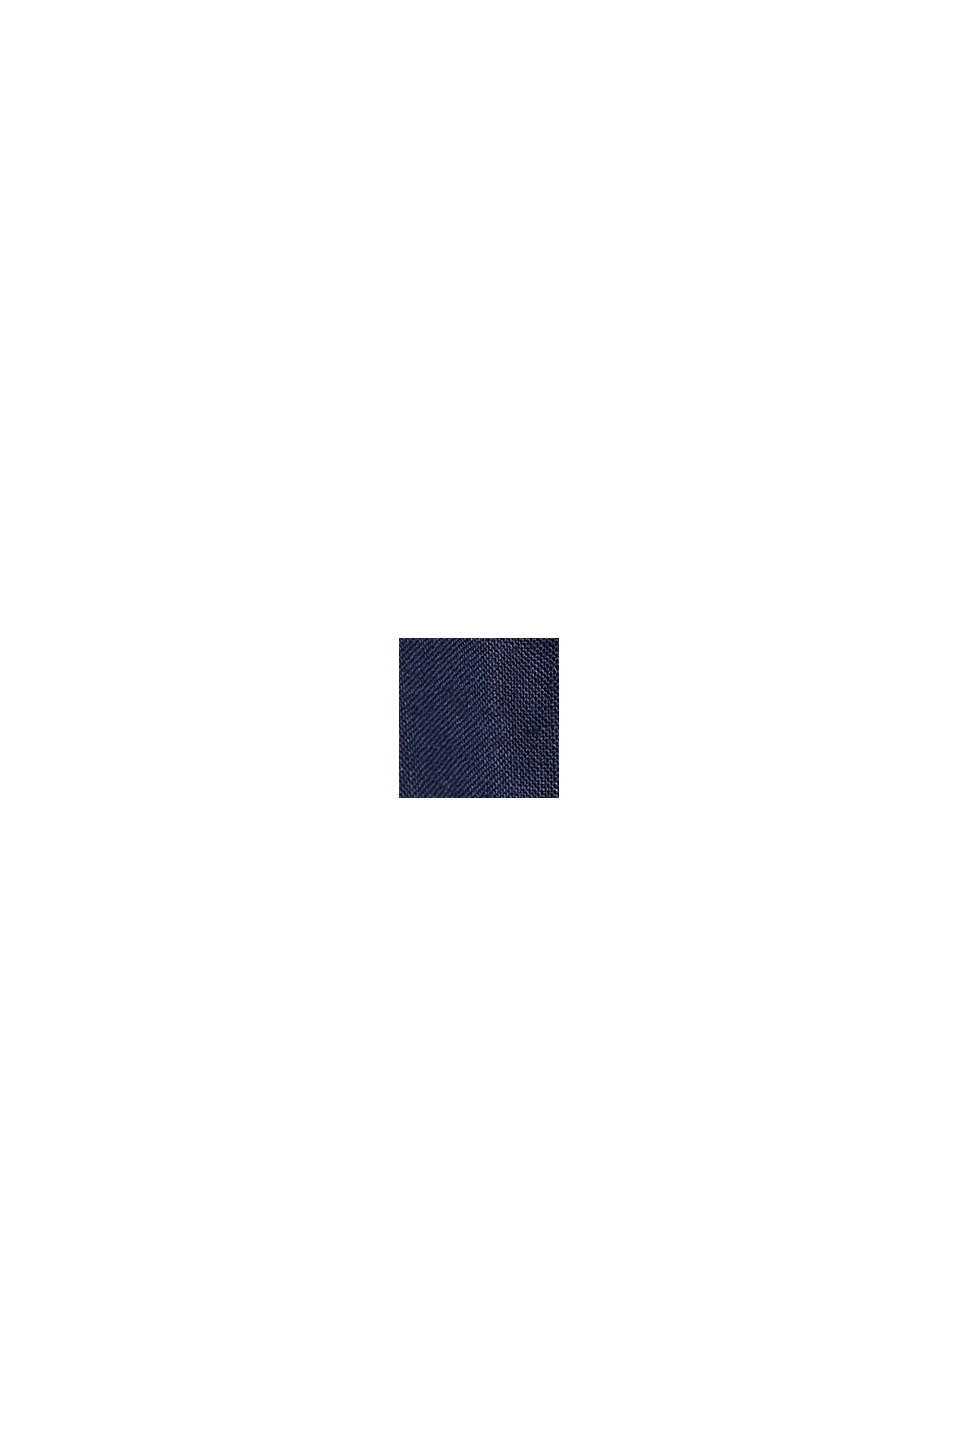 CURVY linne: culottebyxa med elastisk linning, NAVY, swatch